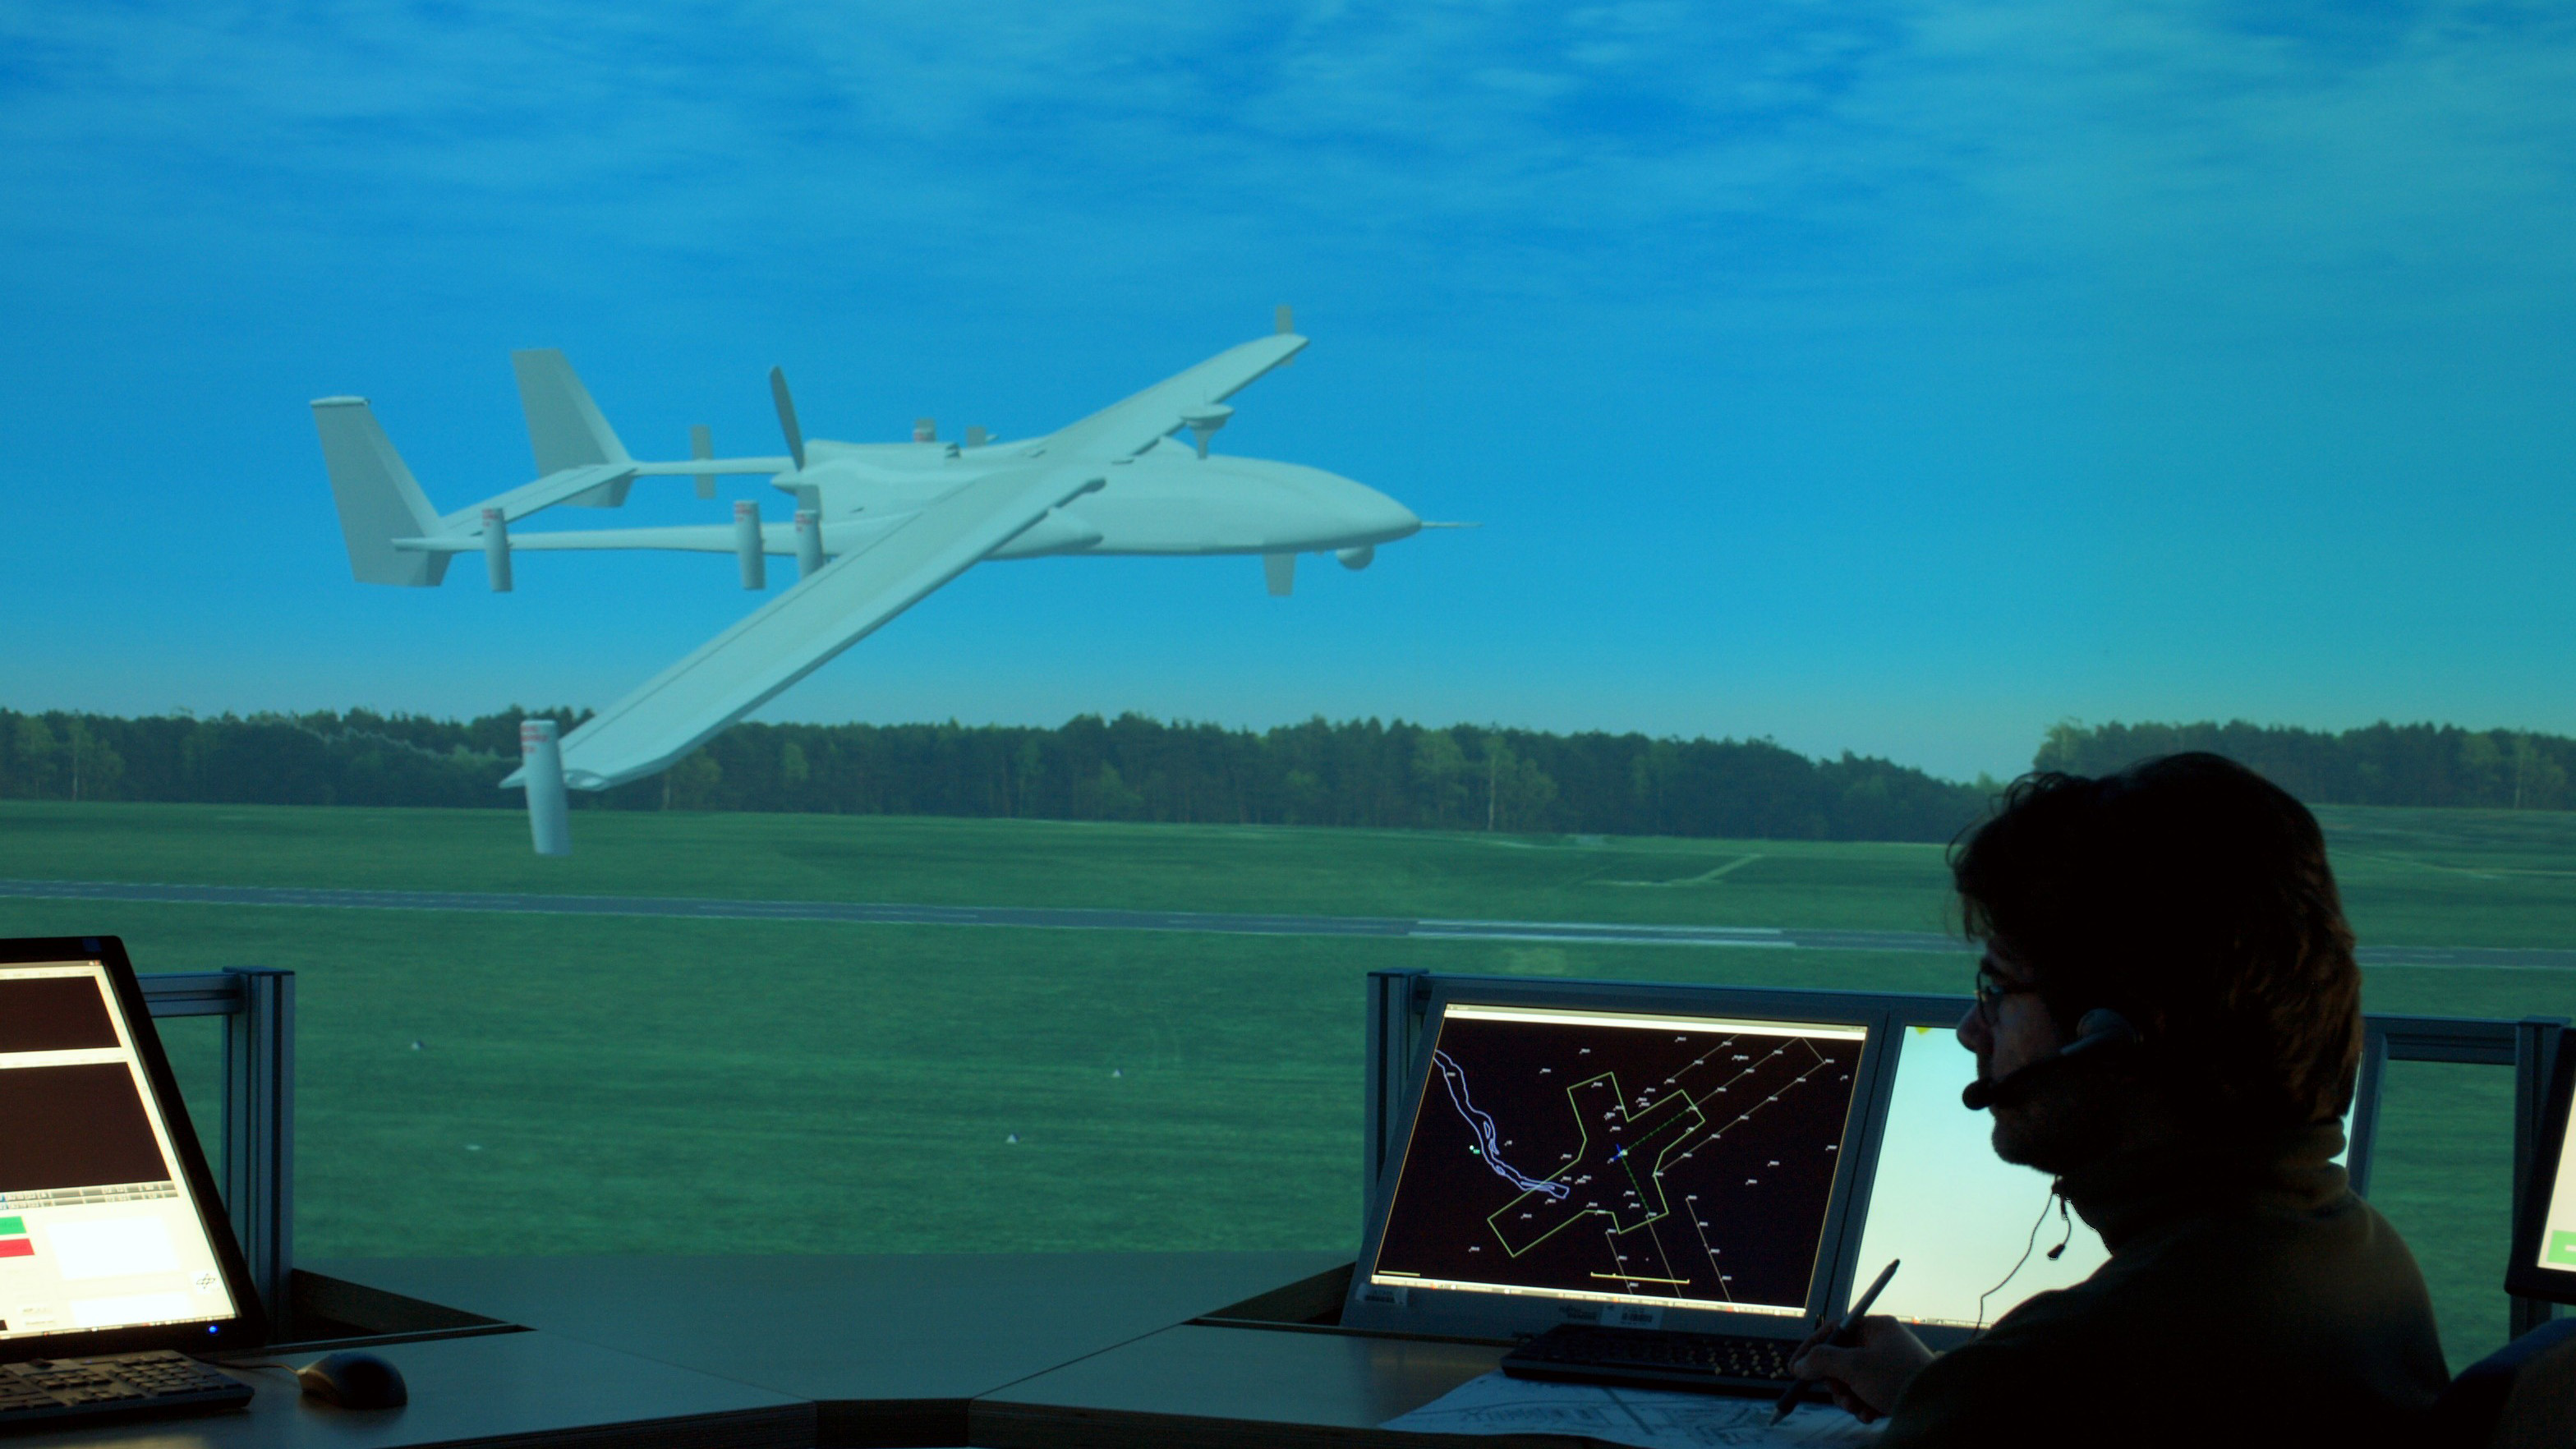 """Simulation des DLR vor dem Flug einer """"Heron"""" im spanischen zivilen Luftraum"""